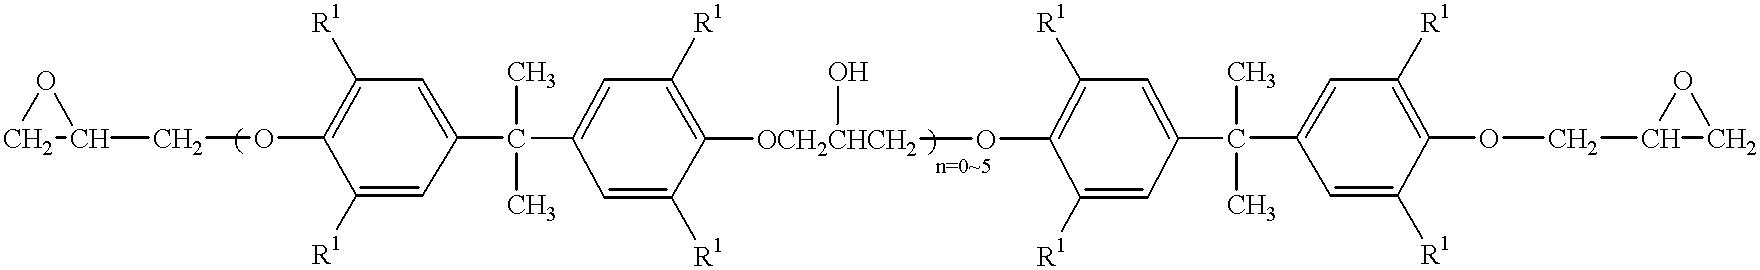 Figure US06180696-20010130-C00004